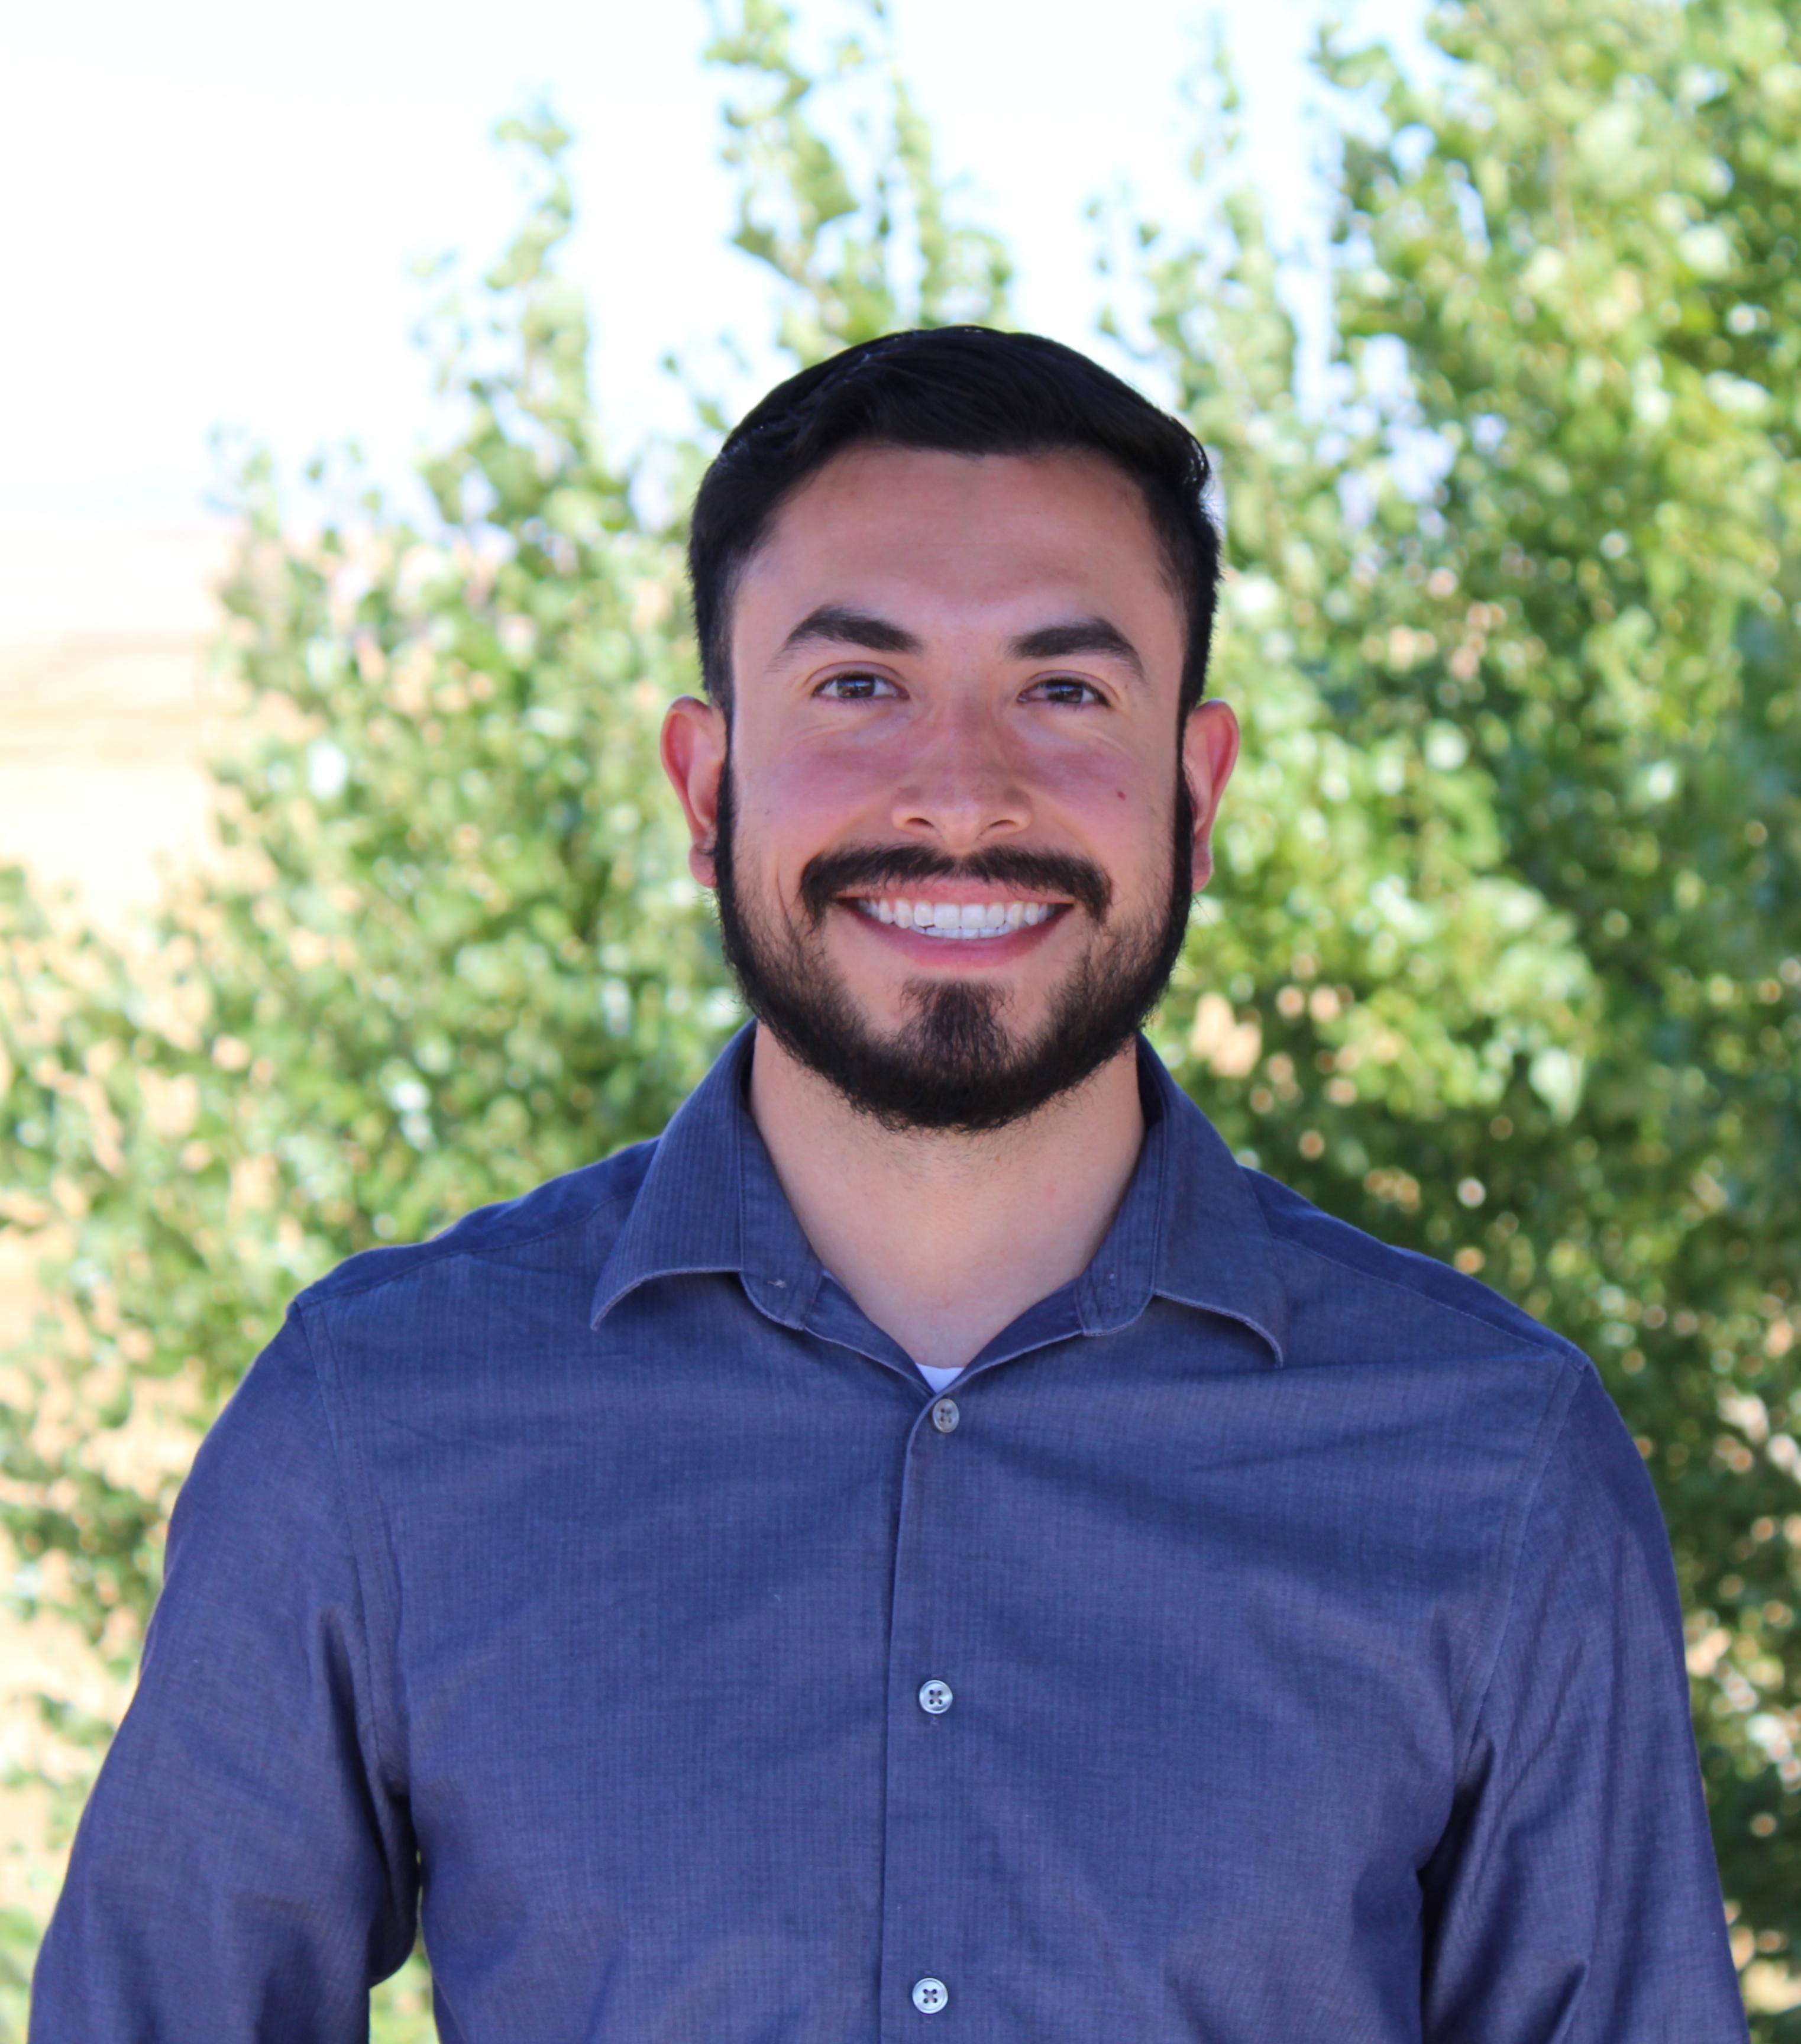 Program Assistant, Estevan Beltran